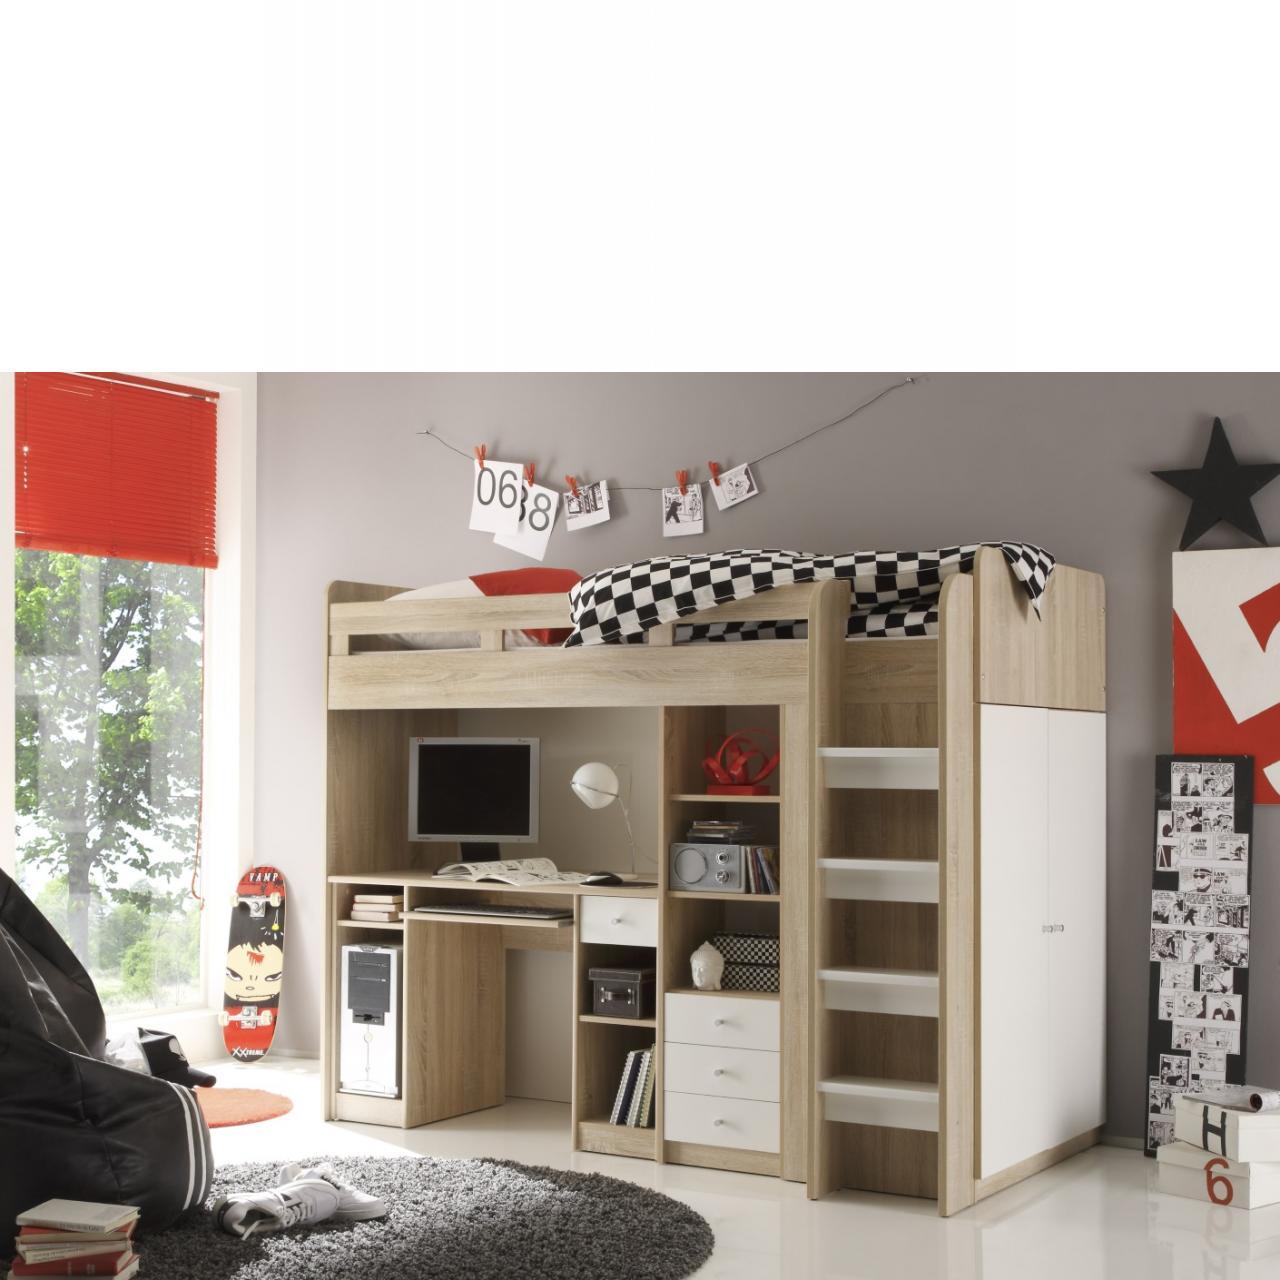 Hochbett Unit Eiche Sonoma Nb. Weiß inkl. Schreibtisch Bett Kinderzimmer MDF